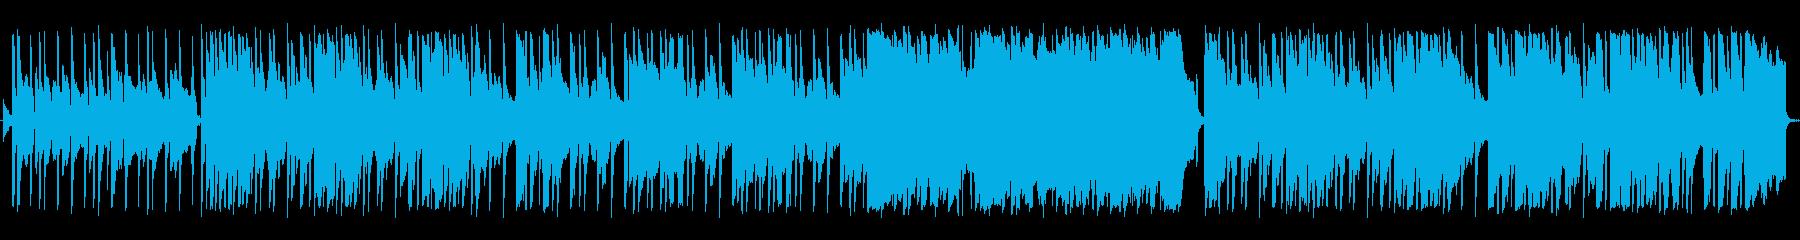 ロック センチメンタル 感情的 や...の再生済みの波形